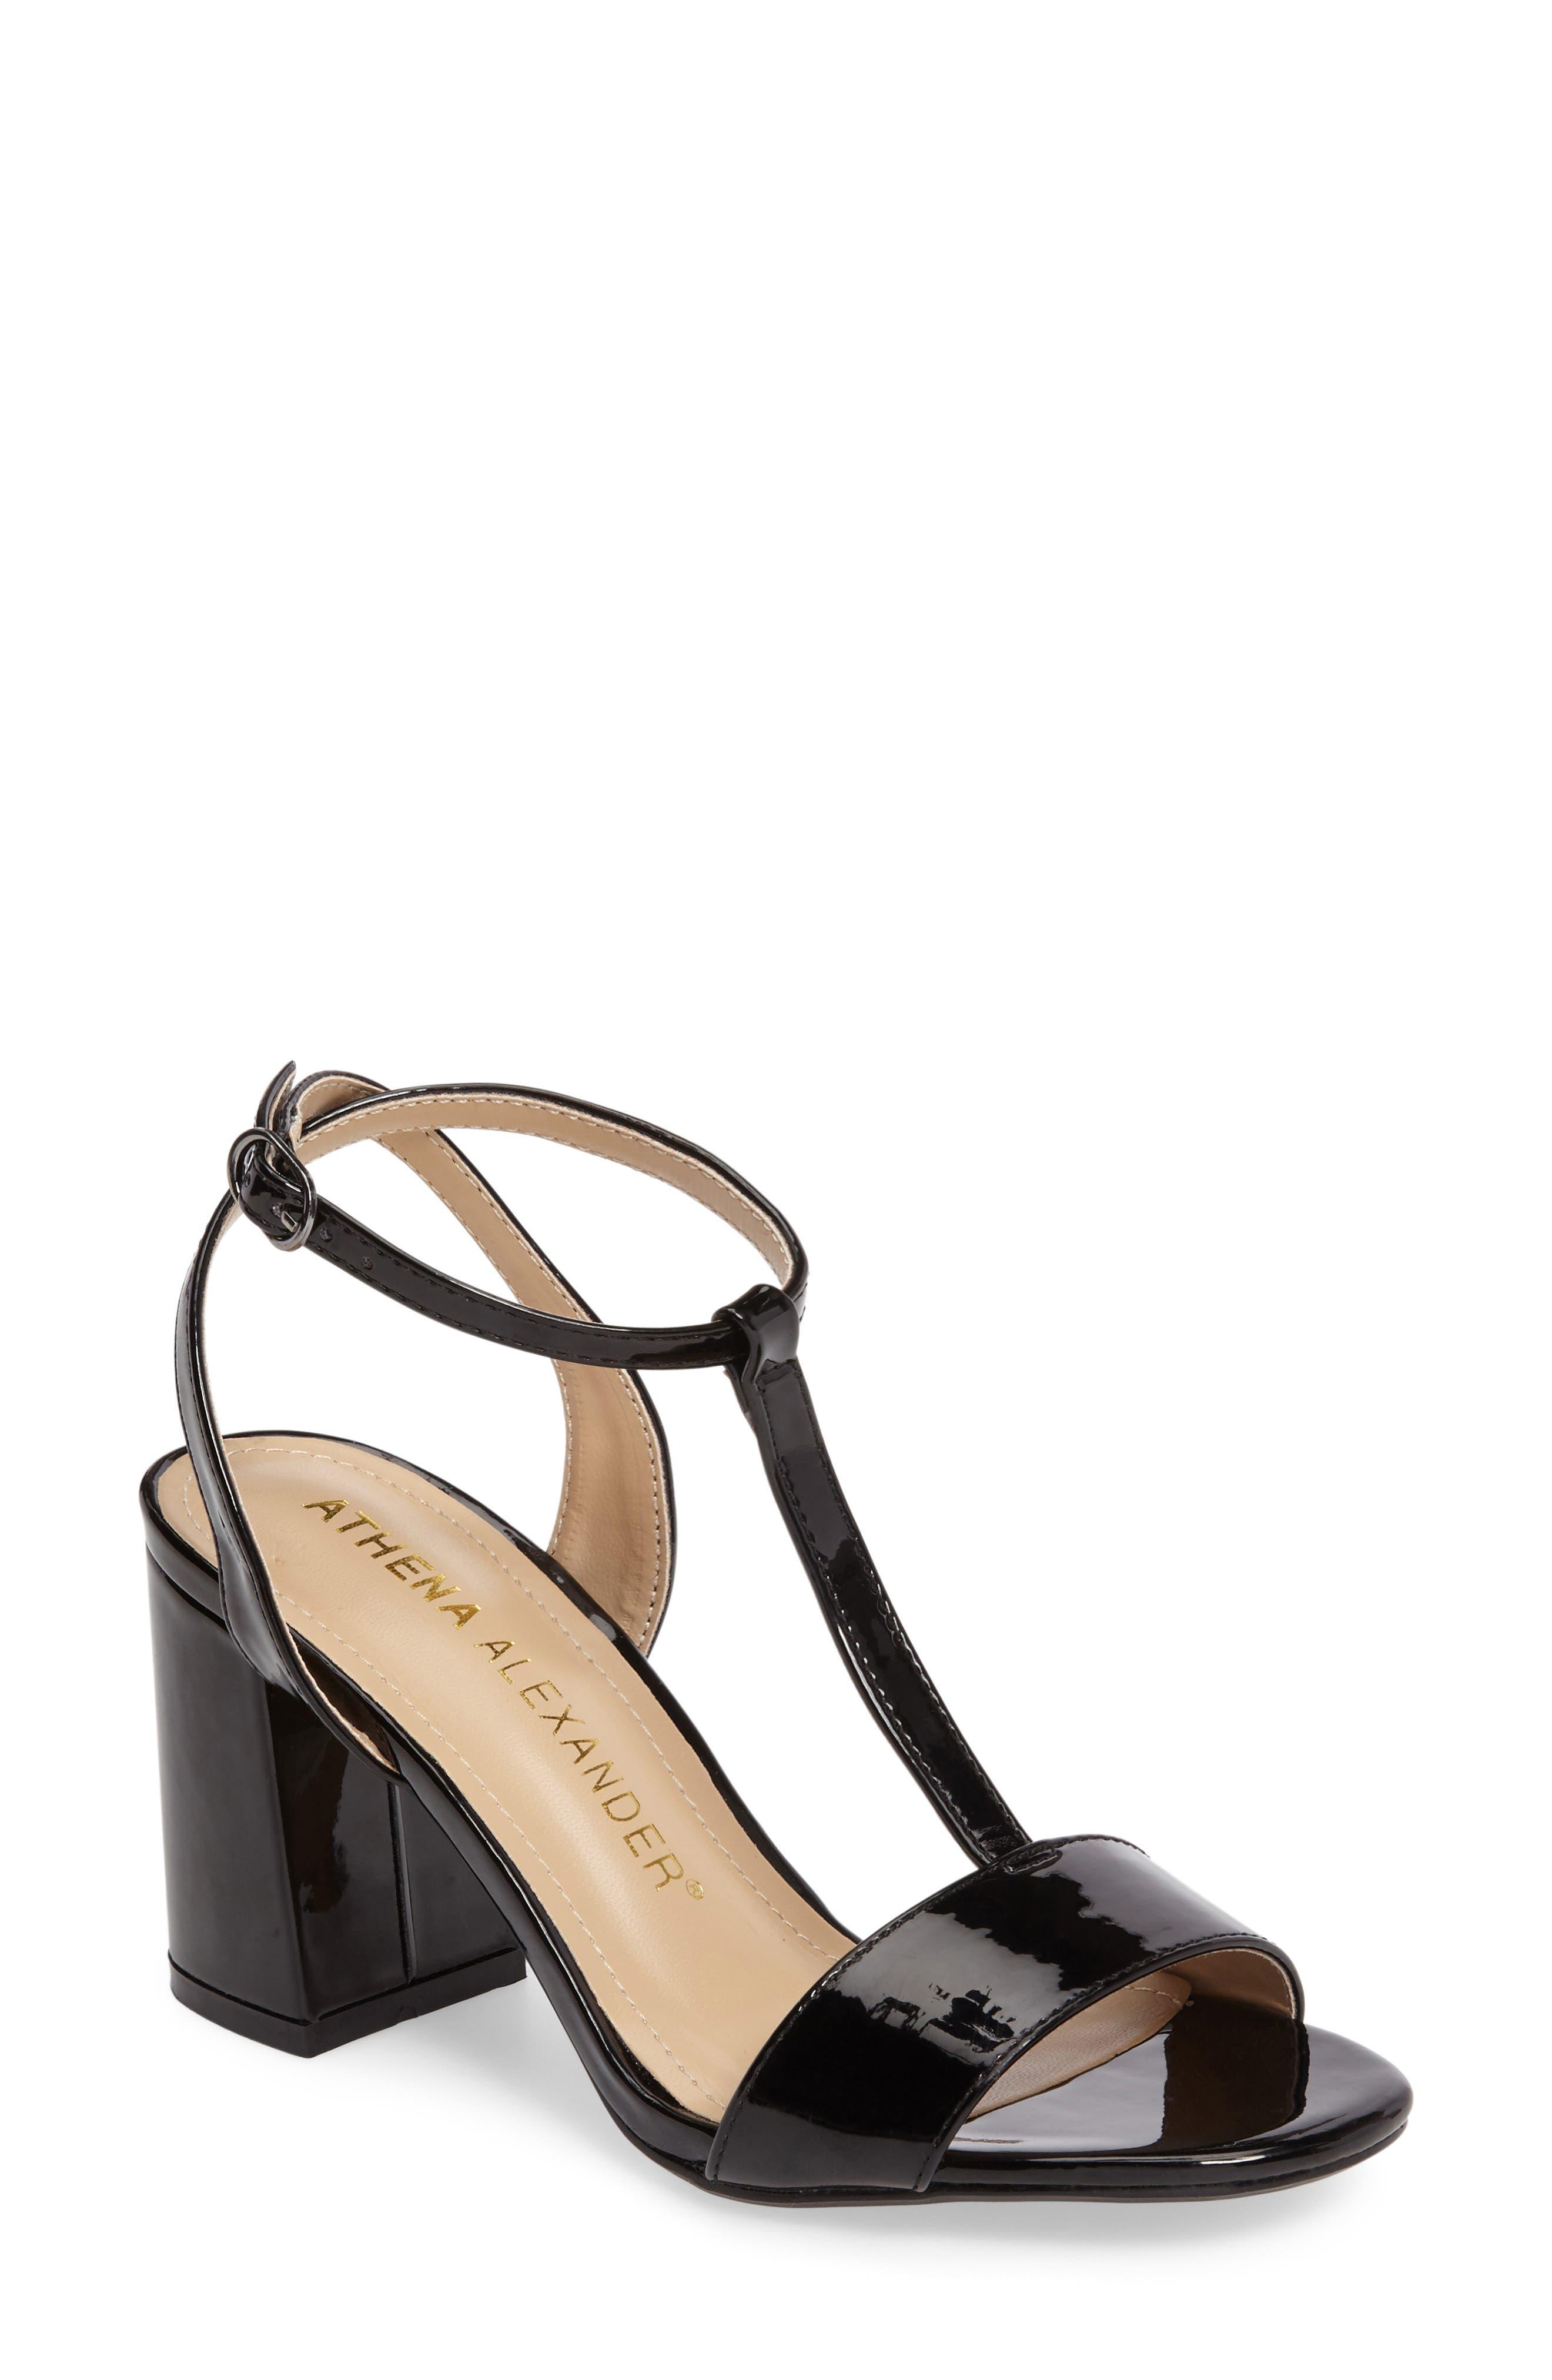 Ditaa T-Strap Sandal,                         Main,                         color, Black Faux Patent